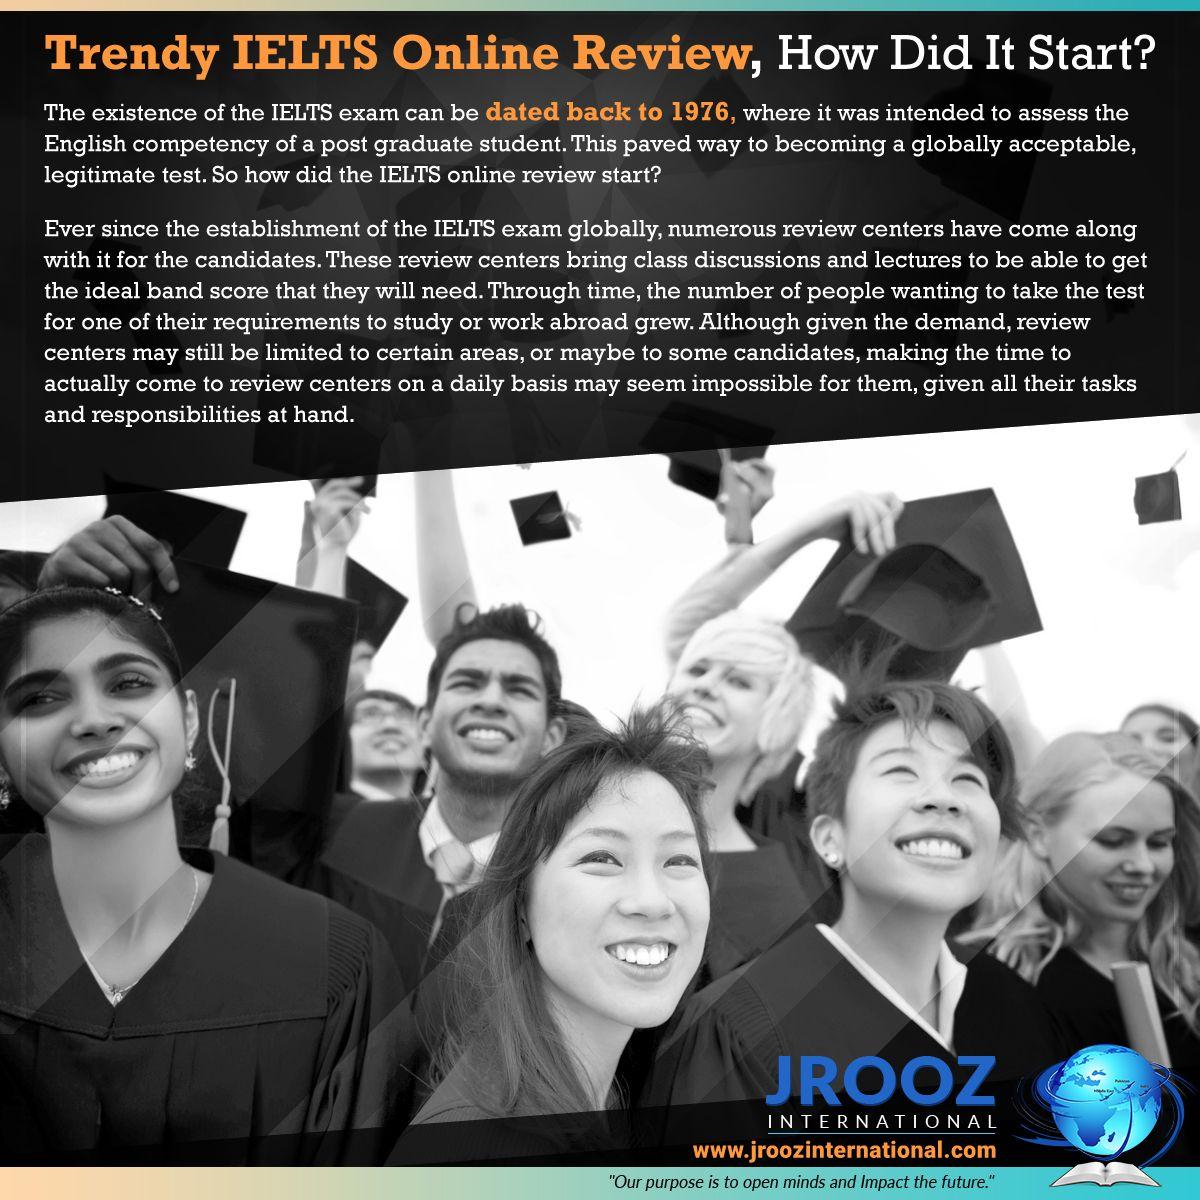 Trendy IELTS Online Review, How Did It Start? #jroozinternational #ieltsonlinecourse #ieltsonlinepreparation #ieltsonlinereview #ieltsonline #ieltsonlinetraining #ieltsonlinecoaching